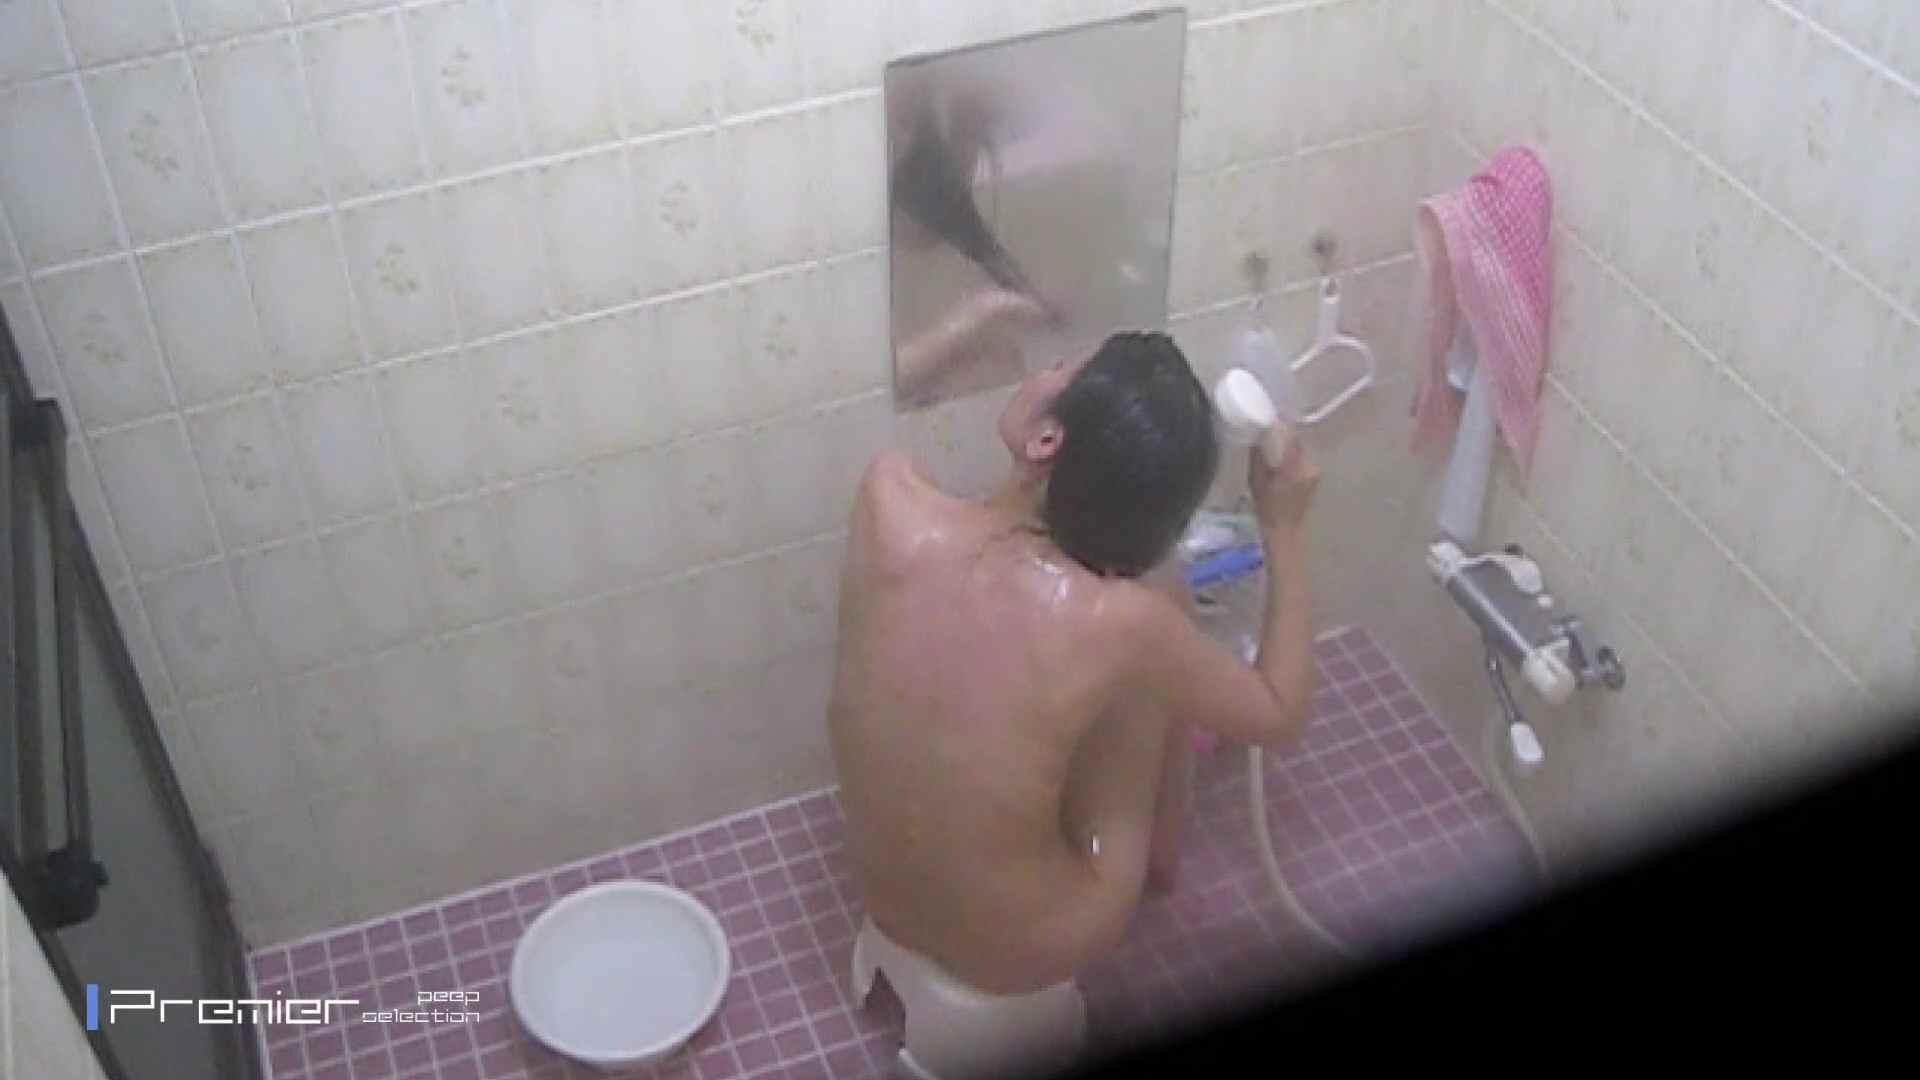 鏡に写る美女バレ盗撮 乙女の風呂場 Vol.10 細身女性 セックス画像 86画像 74